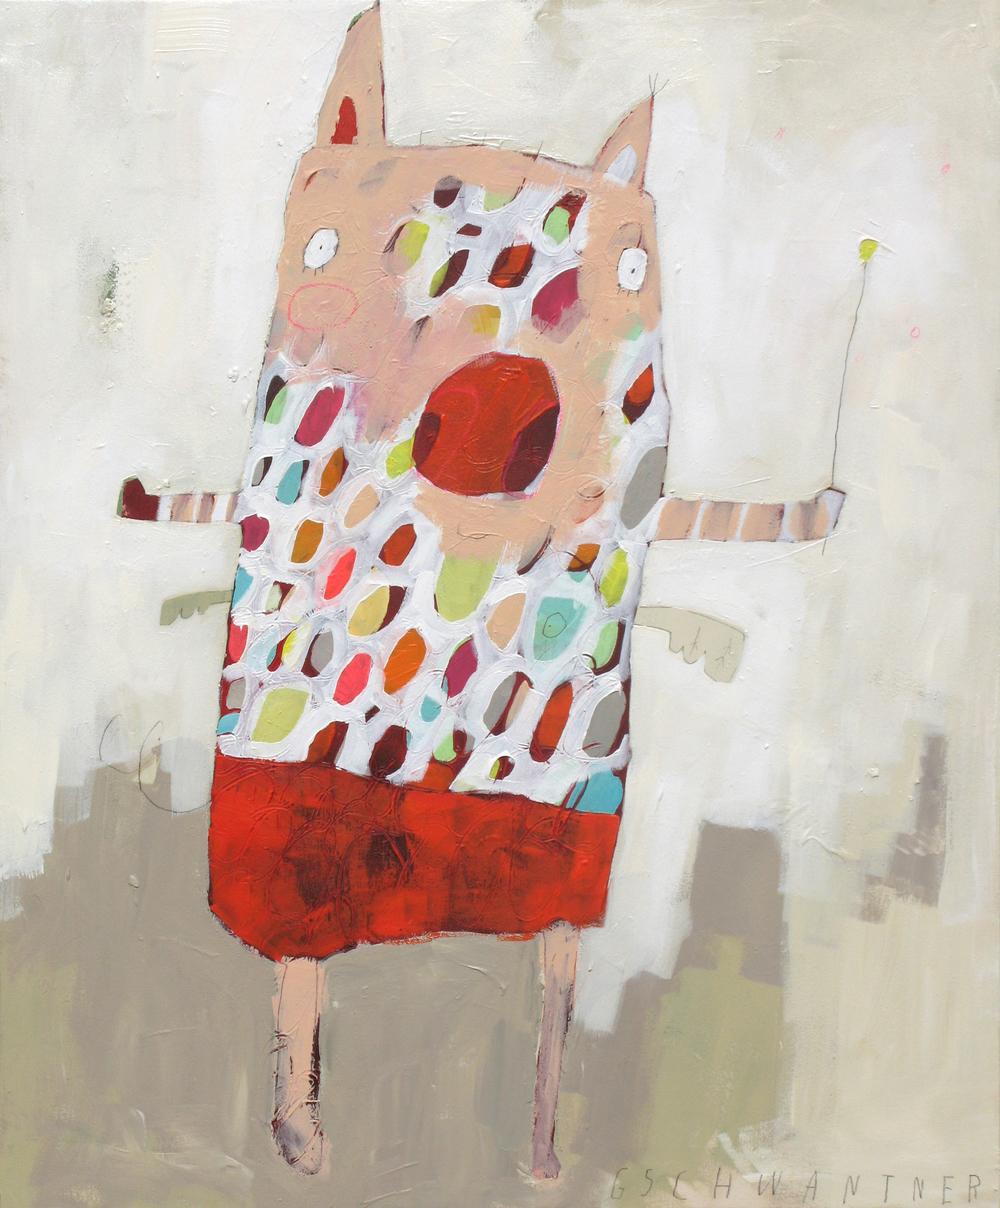 Getupftes Ringelstrumpfschwein, 2009, 78 x 94